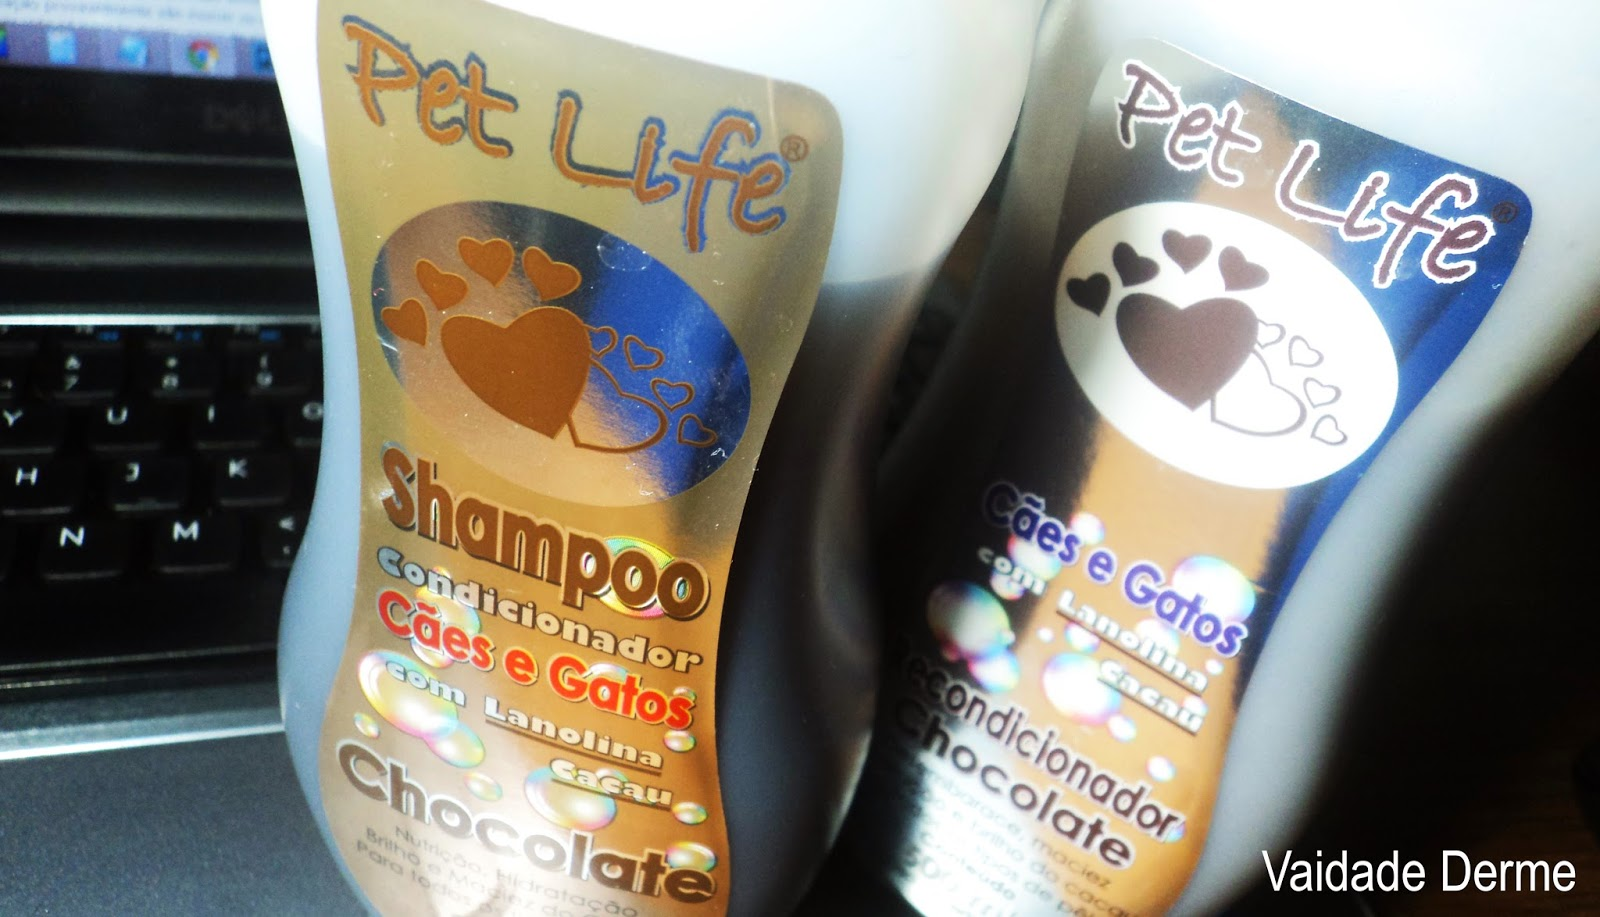 Shampoo e Recondicionador Chocolate Pet Life